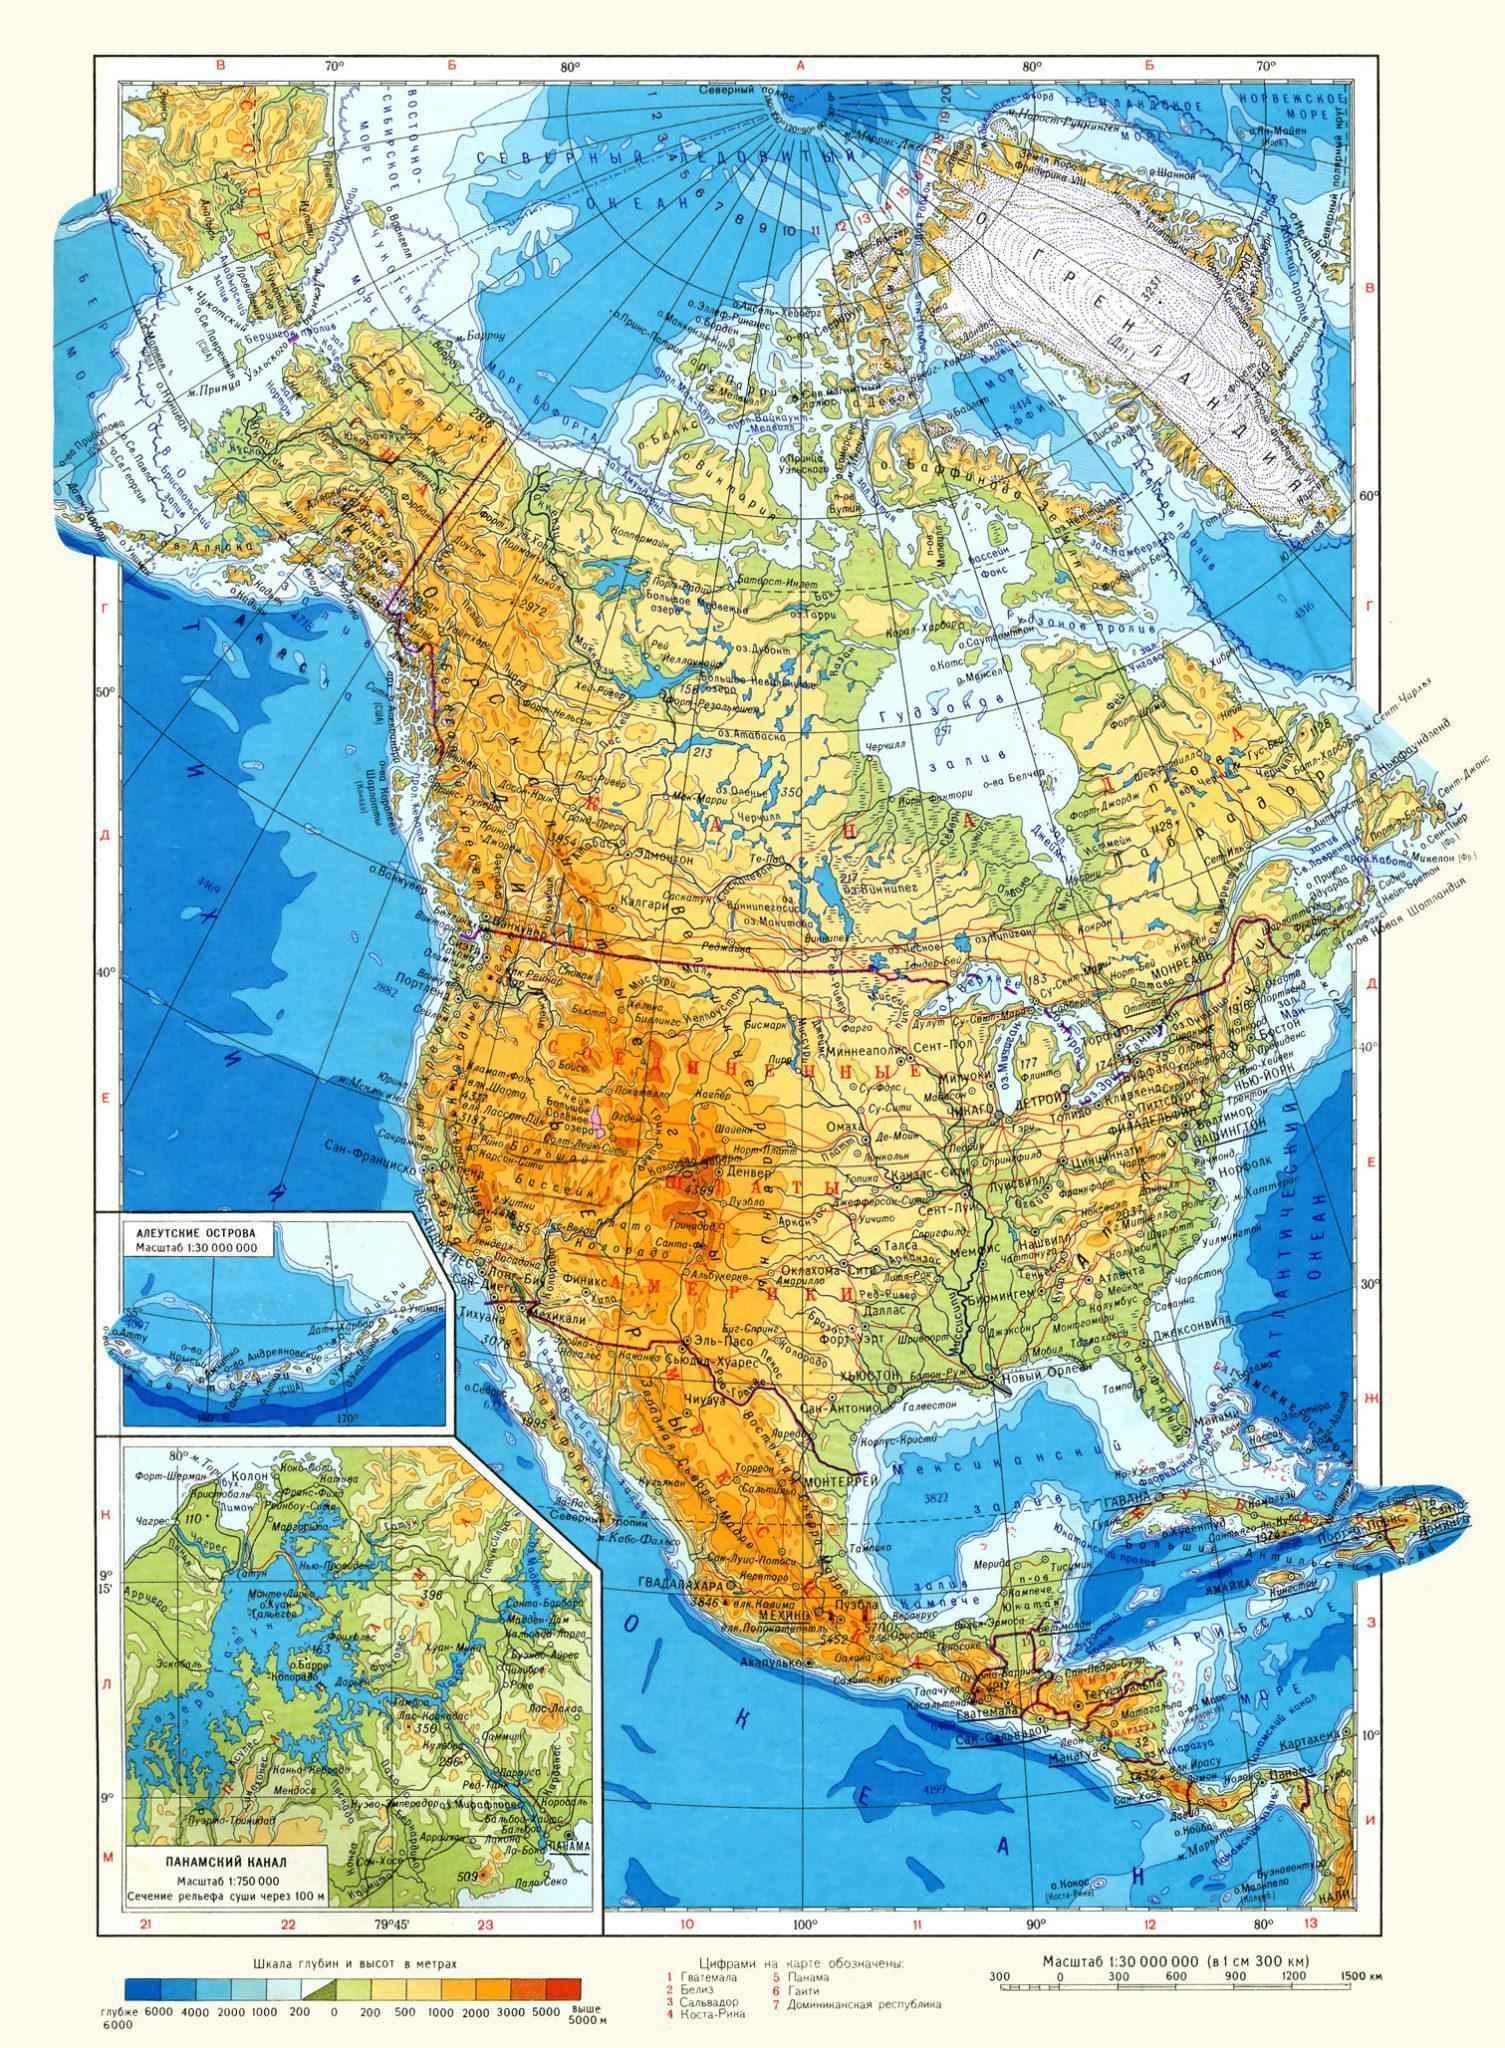 Географические карты Северной Америки крупным планом на русском языке: физическая, политическая и контурная 2